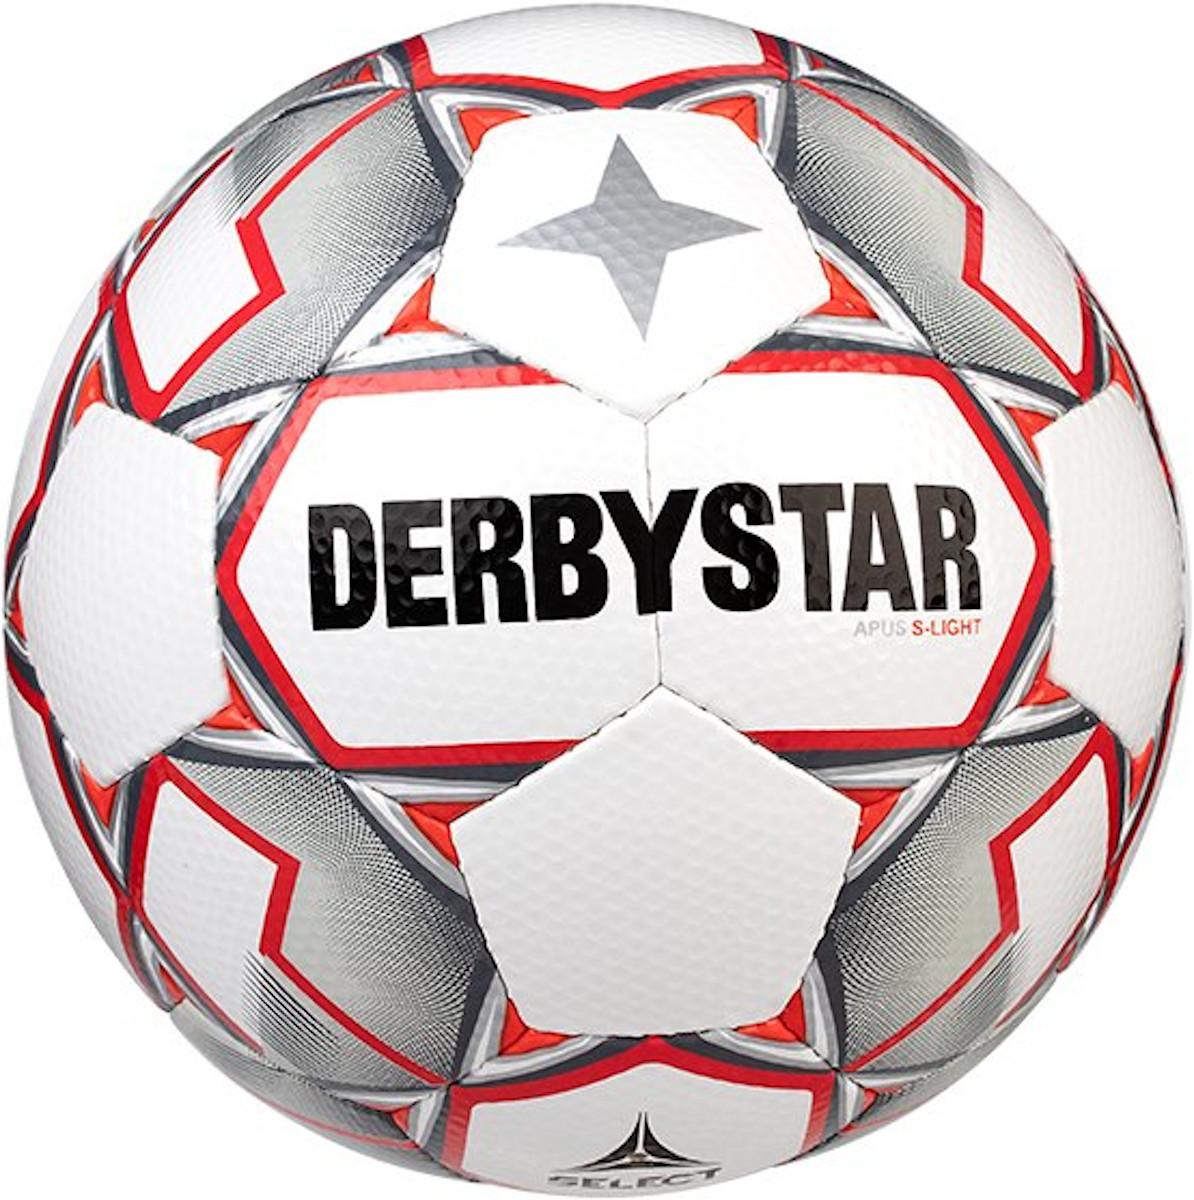 Míč Derbystar Apus S-Light v20 290 grams Lightball